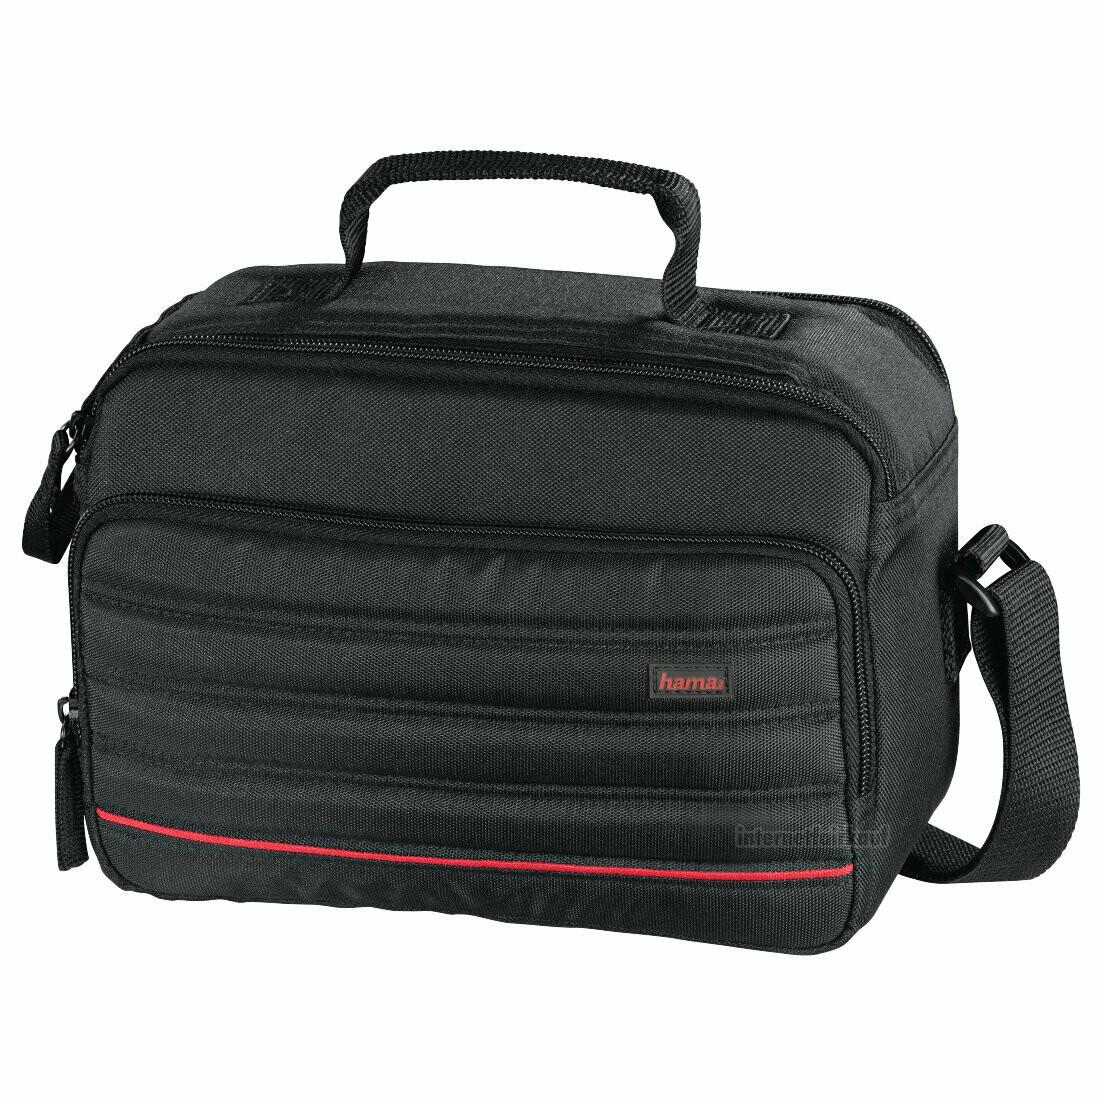 Hama Fototasche Kameratasche passend für Panasonic Lumix FZ1000 FZ2000